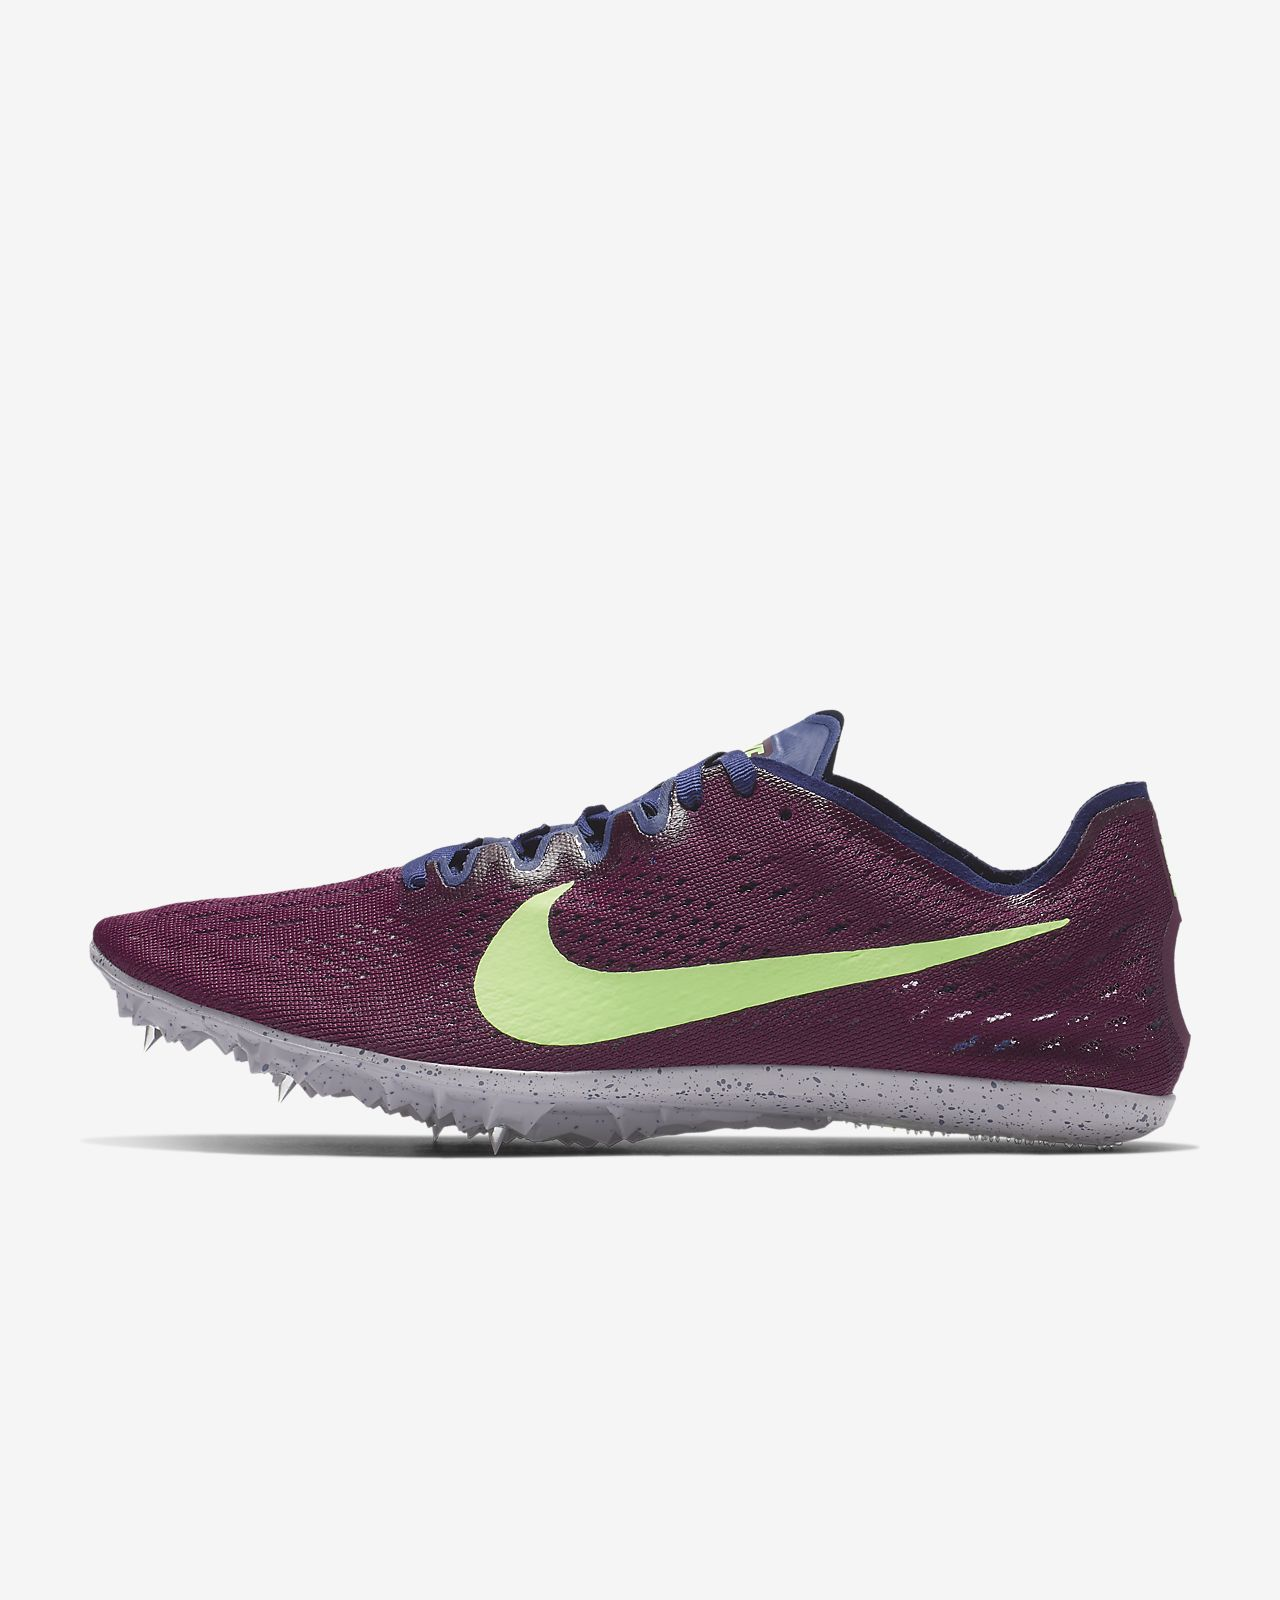 online store 3d539 99bf5 ... Nike Zoom Victory 3 Zapatillas con clavos de competición - Unisex